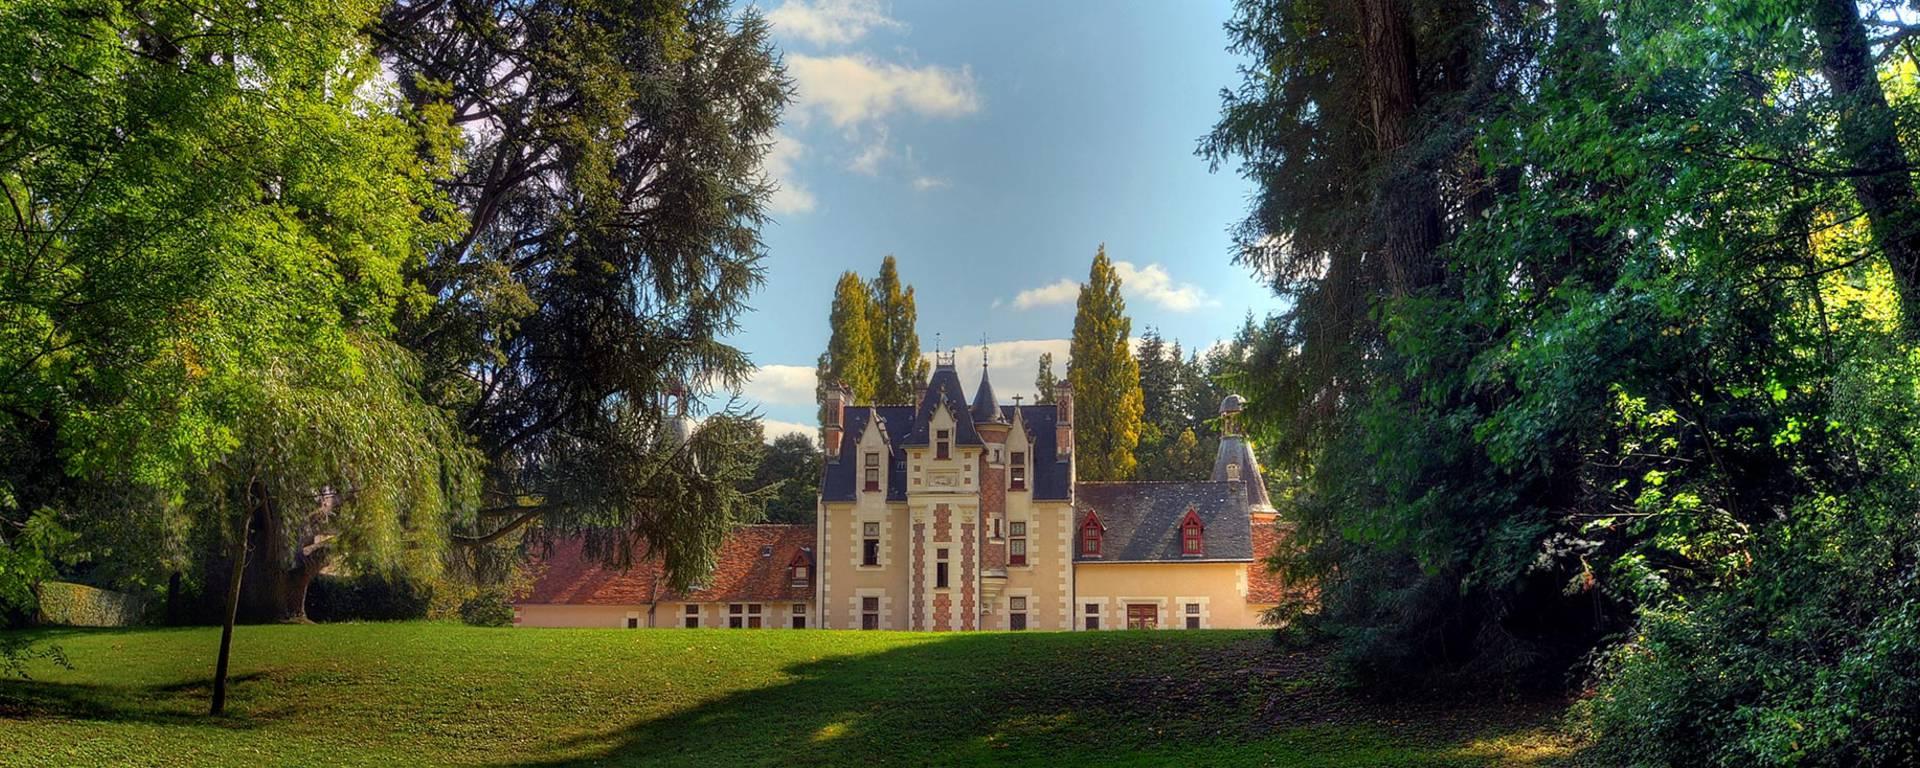 Der Schlosspark von Troussay